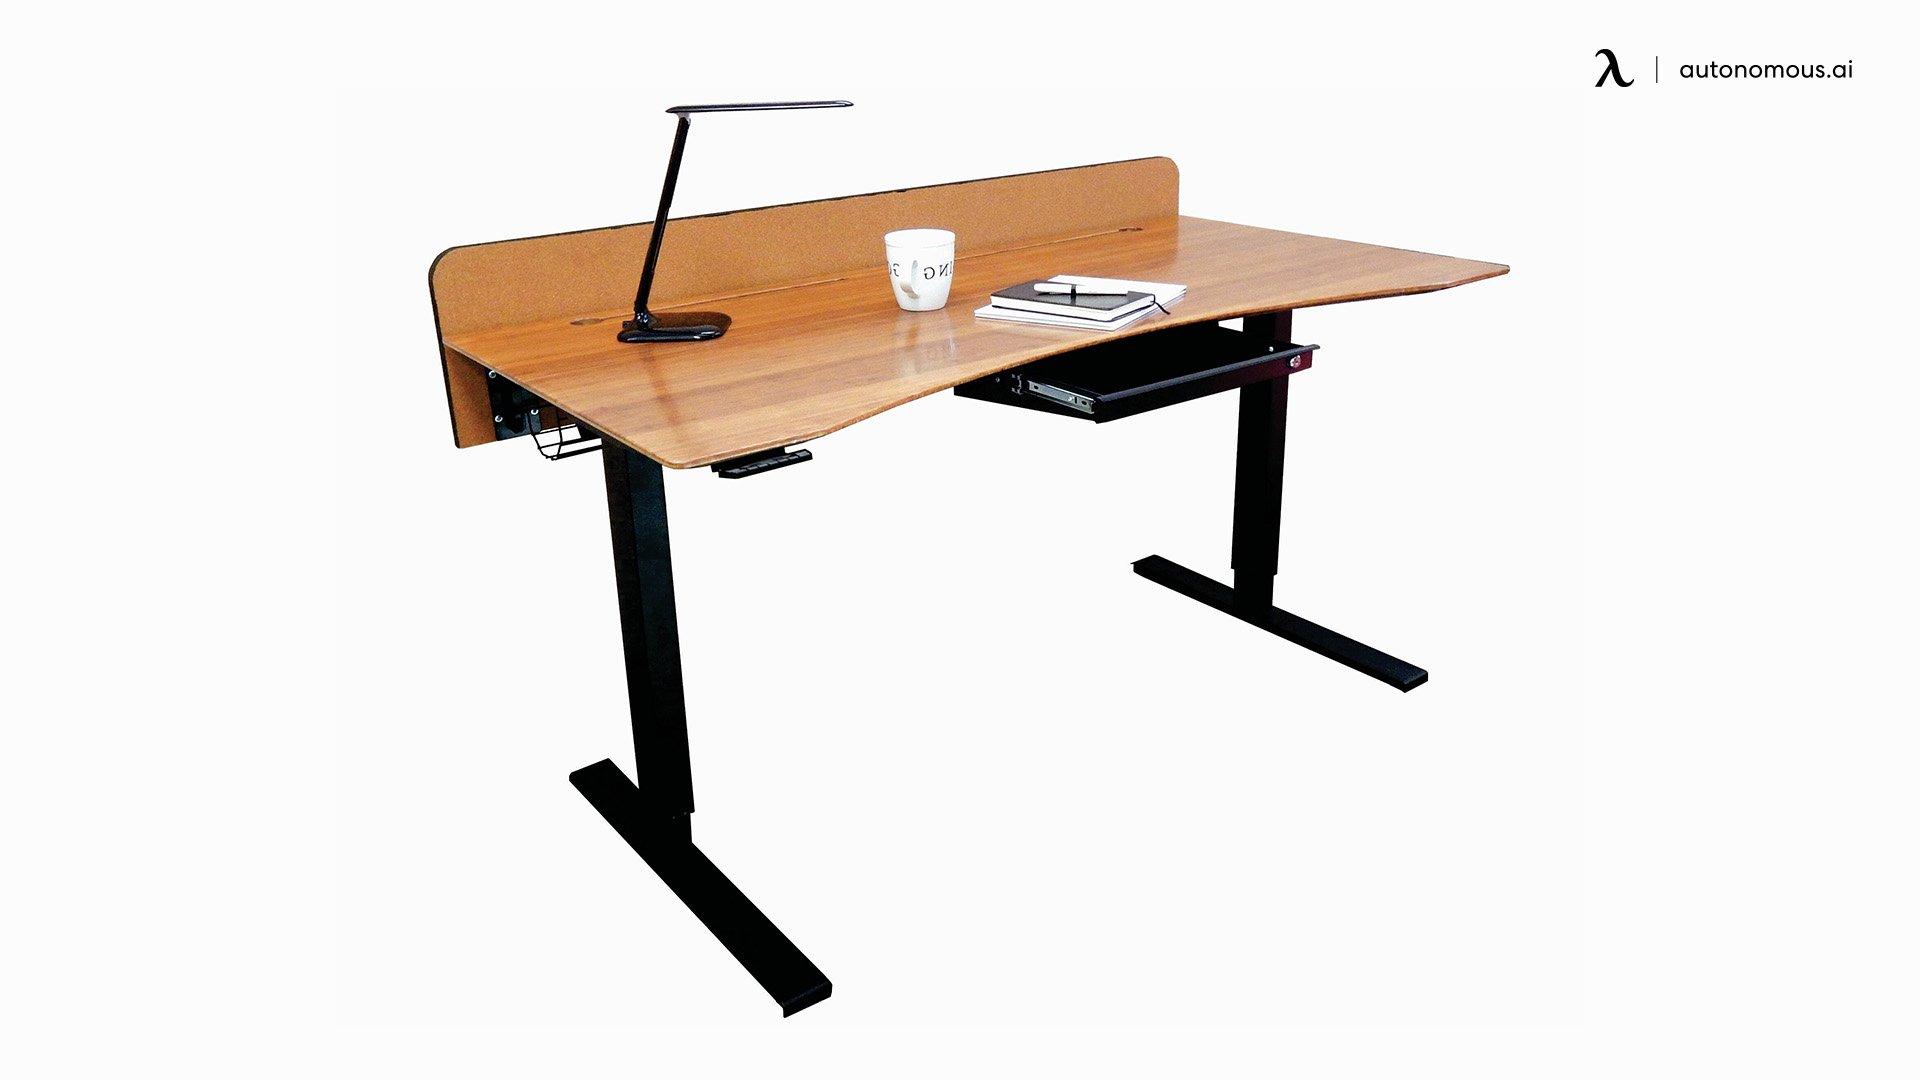 Bamboo standing desk by Frasch